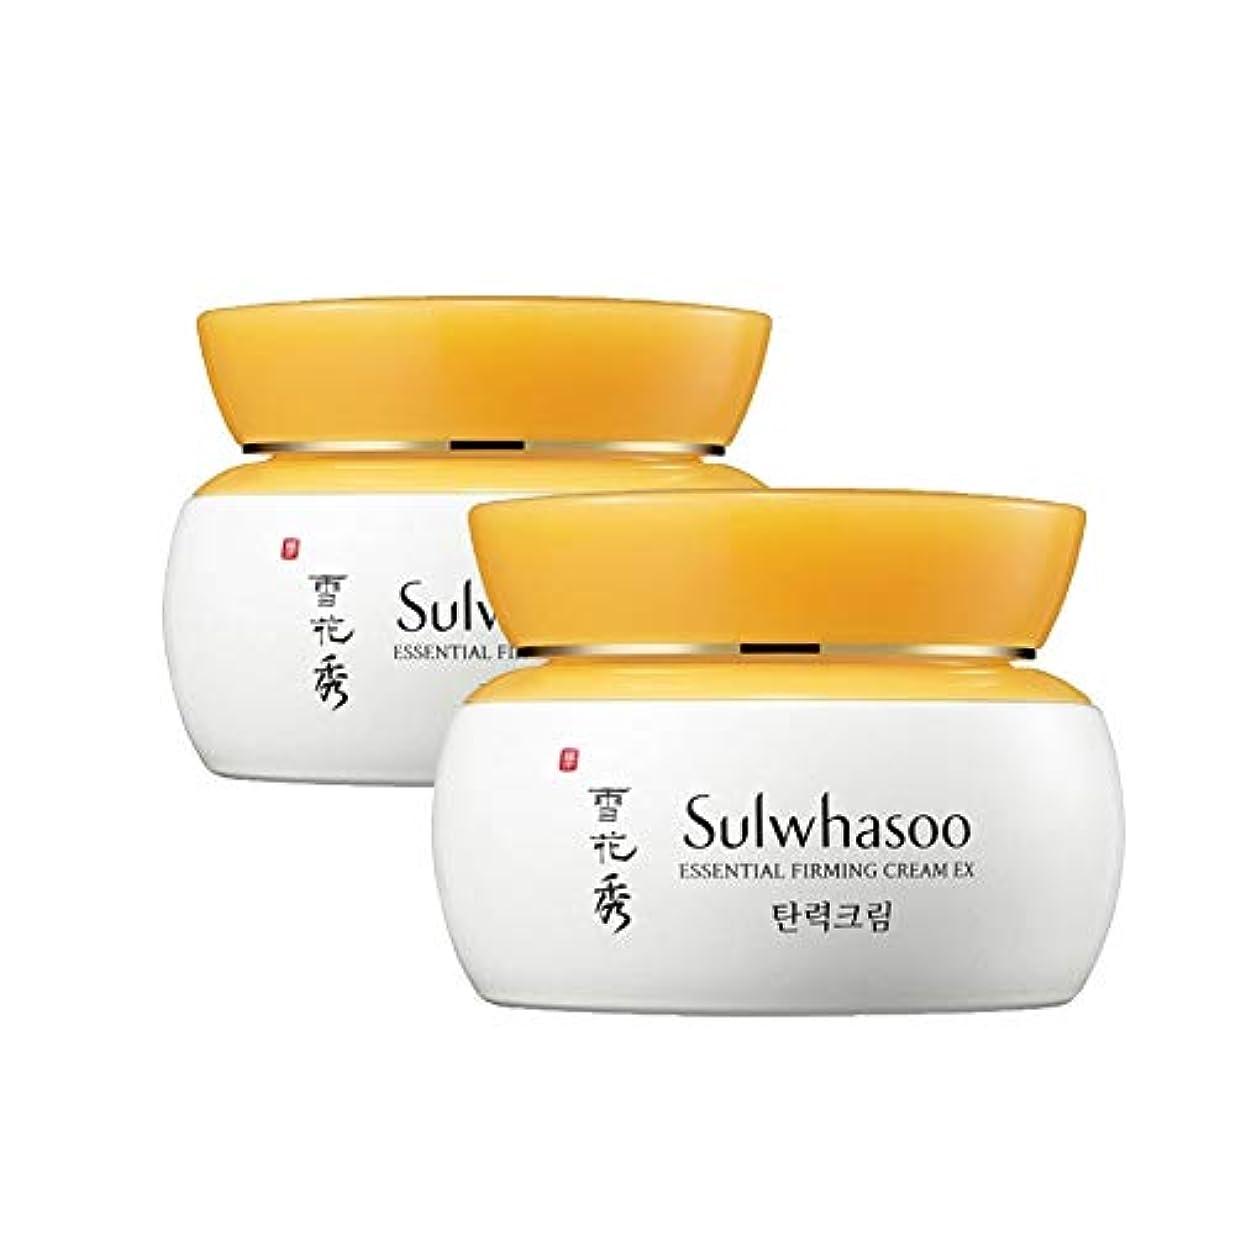 アクセスできないパレードファーム雪花秀エッセンシャルパーミングクリーム 75mlx2本セット弾力クリーム韓国コスメ、Sulwhasoo Essential Firming Cream 75ml x 2ea Set Korean Cosmetics [並行輸入品]